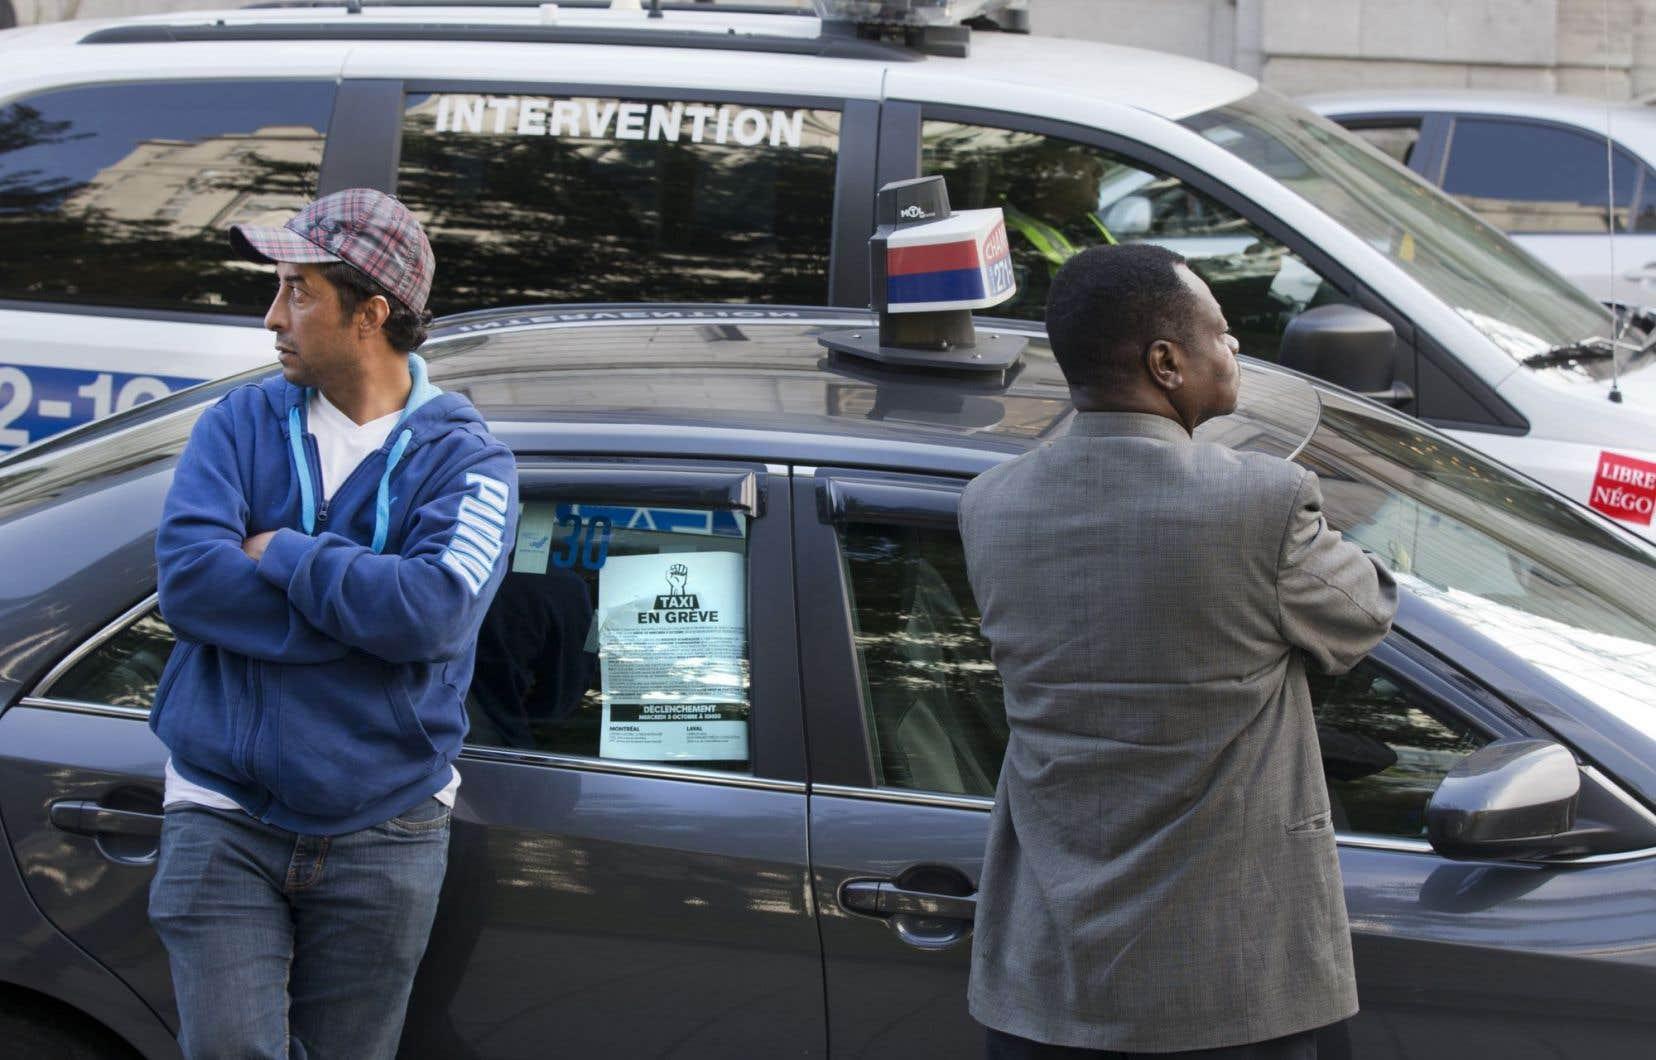 La manifestation s'est déroulée dans le calme à Montréal, mais les policiers ont quand même distribué 16 constats d'infraction au Code de la sécurité routière.